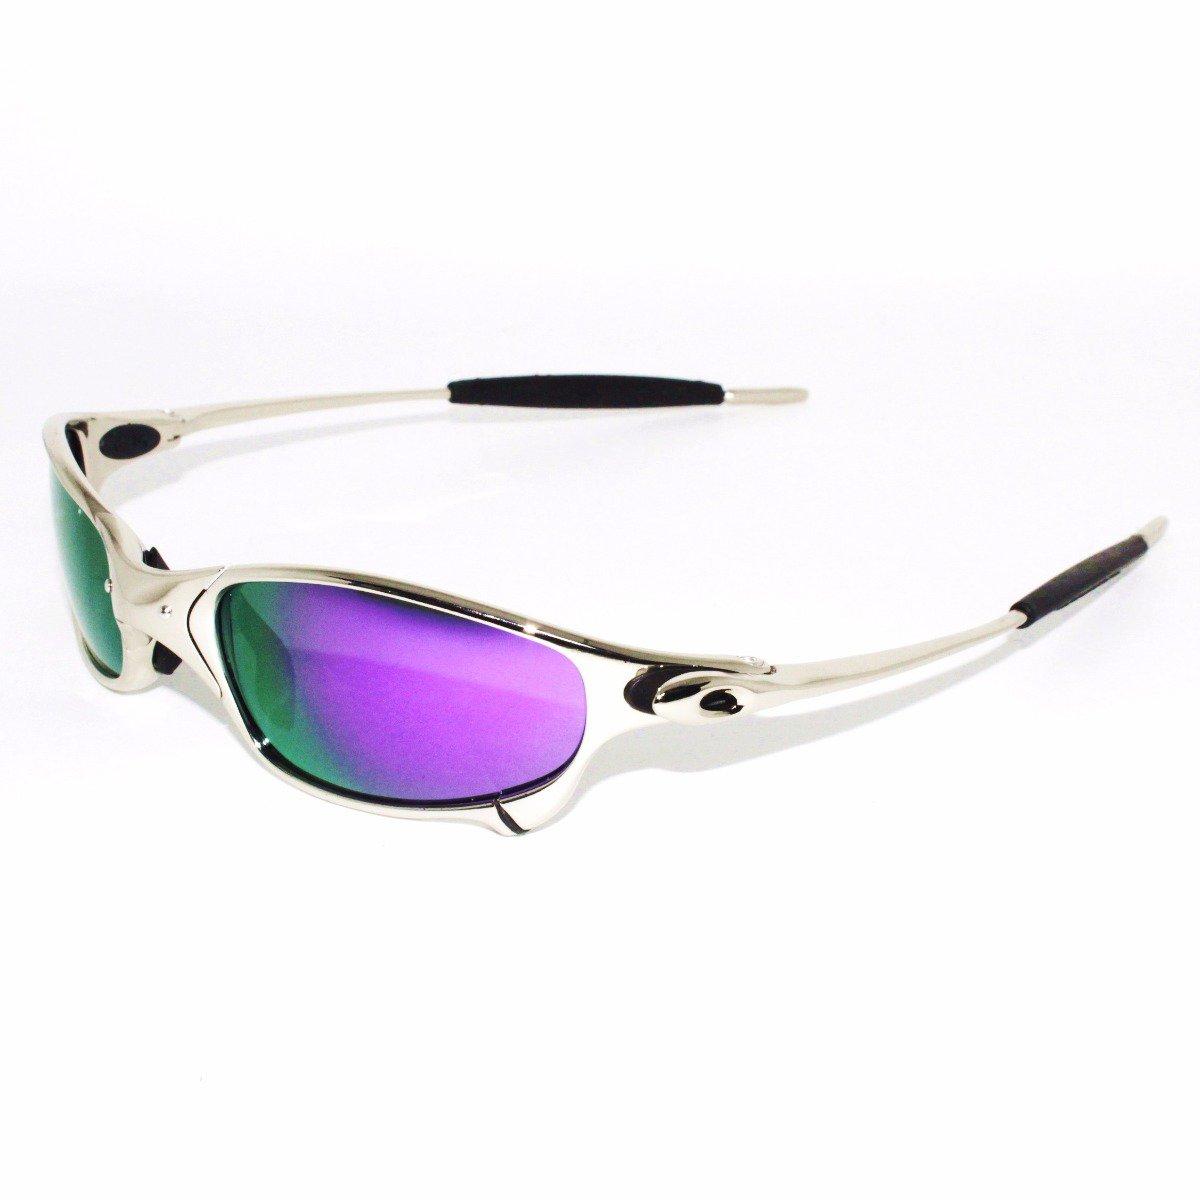 Oakley Sunglasses x-metal Juliet - Silver with purple